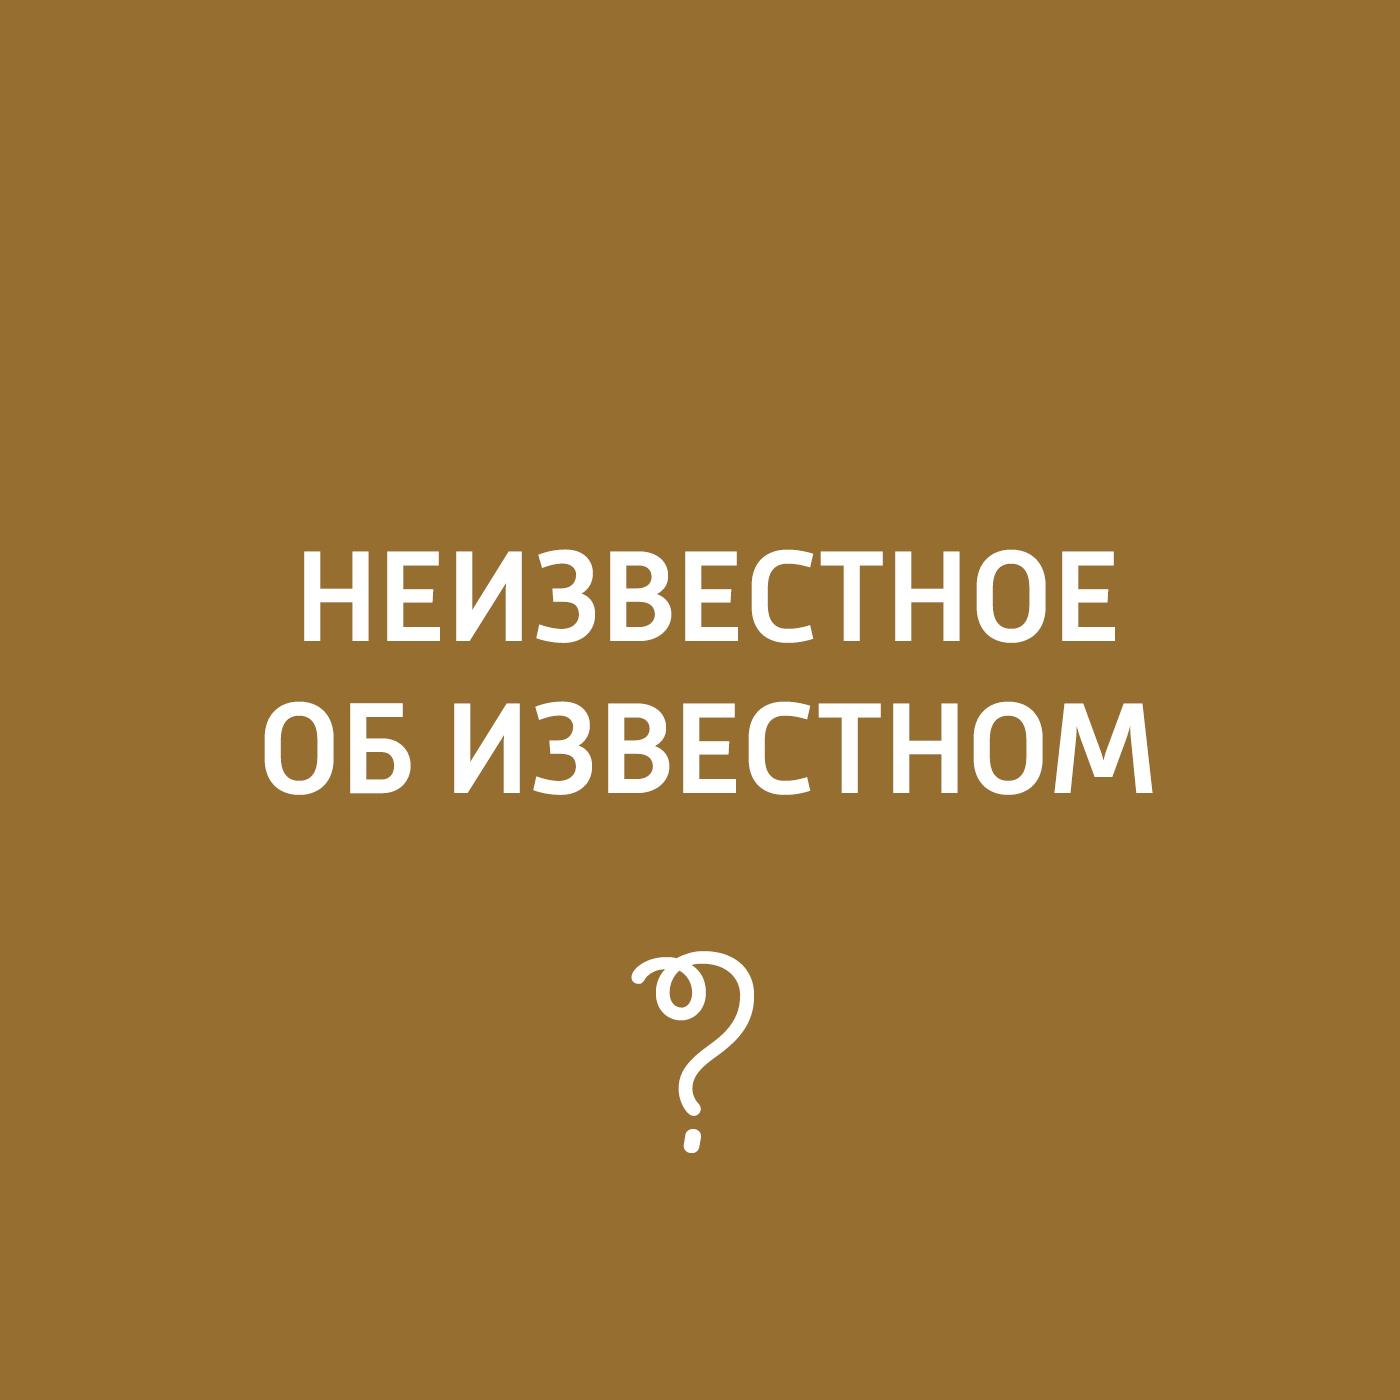 Творческий коллектив программы «Пора домой» Агния Барто барто агния львовна и другие маршак самуил яковлевич сказки и стихи про новый год